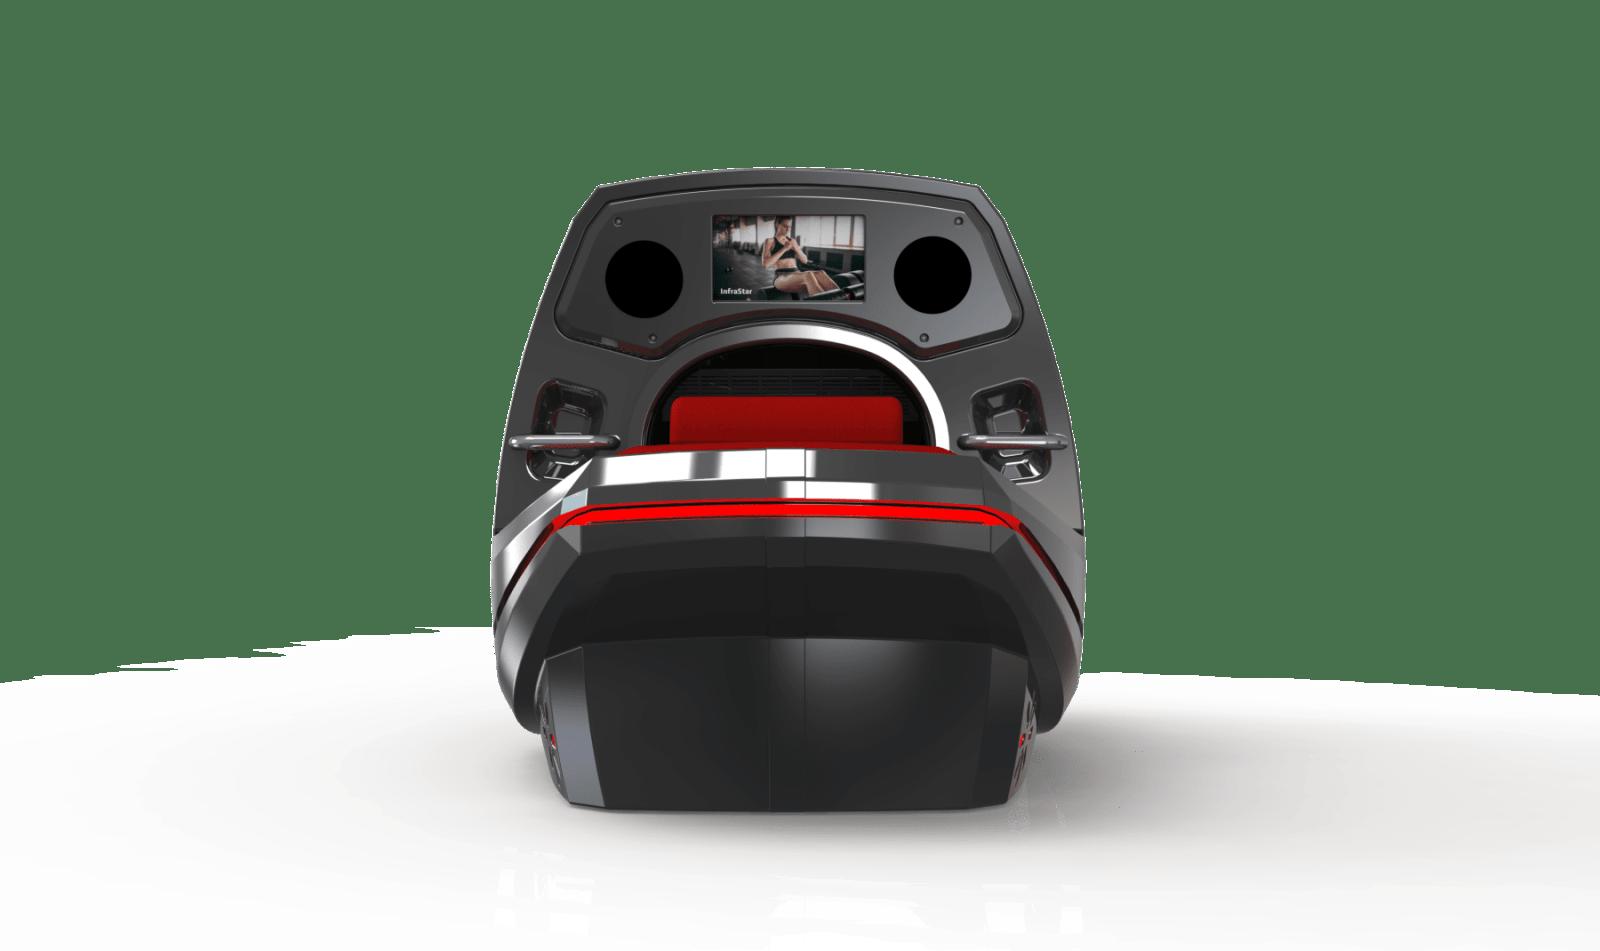 インフラスターインフラトレーナーバイク